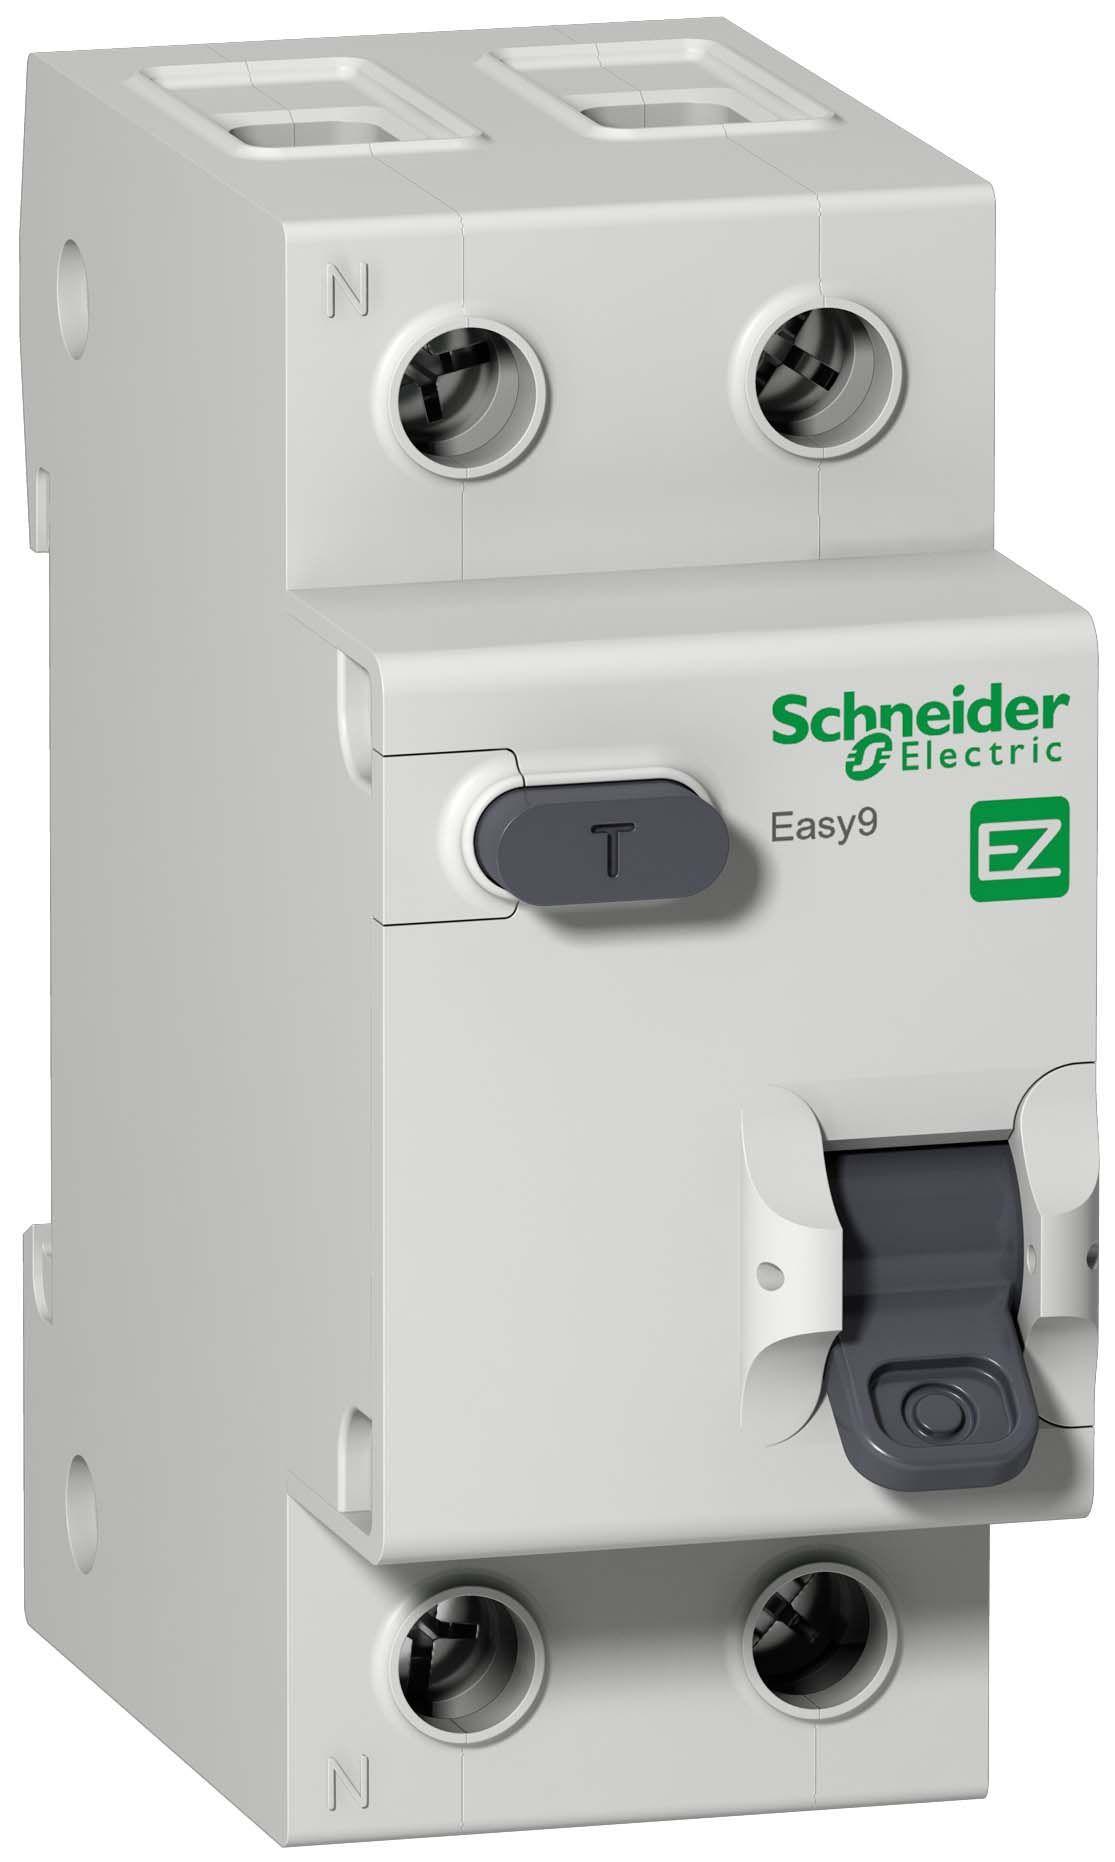 Дифференциальный автомат 1пол.+N 32А 30мА с тип AС 4.5кА Easy9 Schneider Electri, Schneider Electric  - Купить